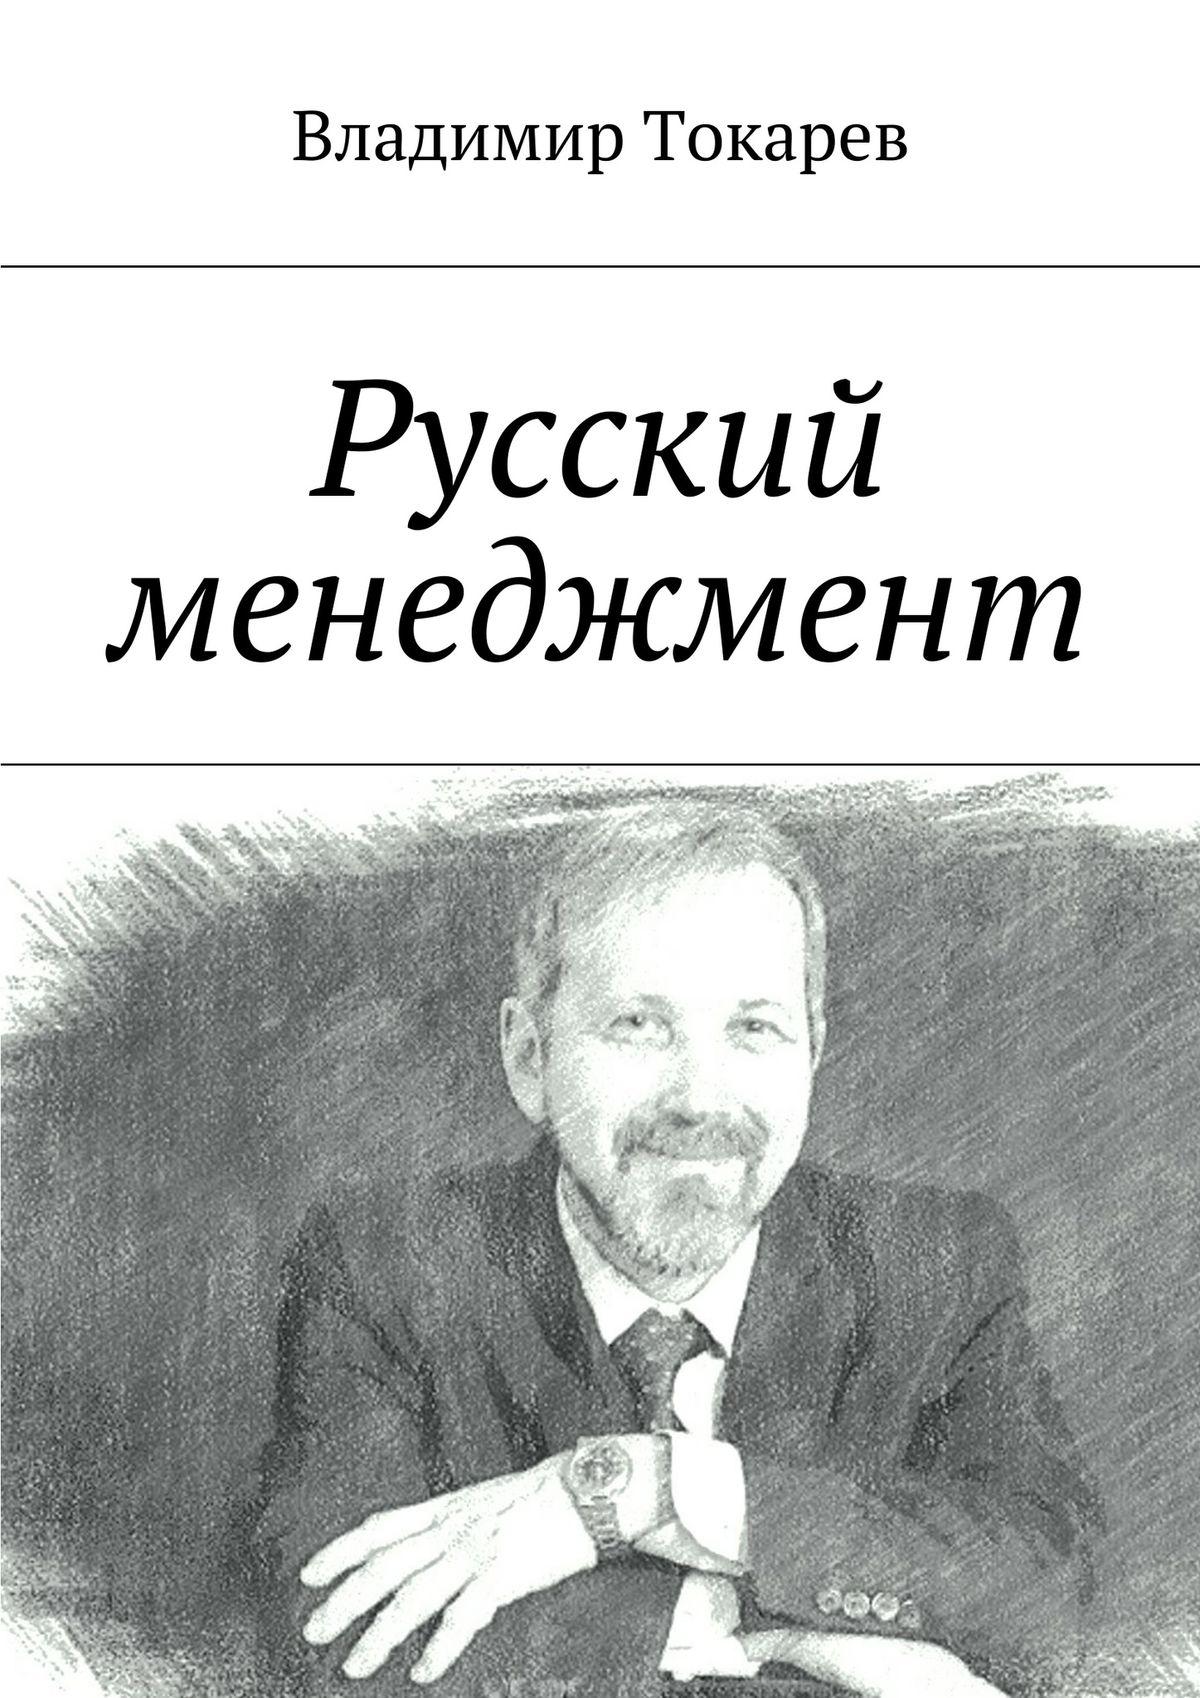 Владимир Токарев Русский менеджмент